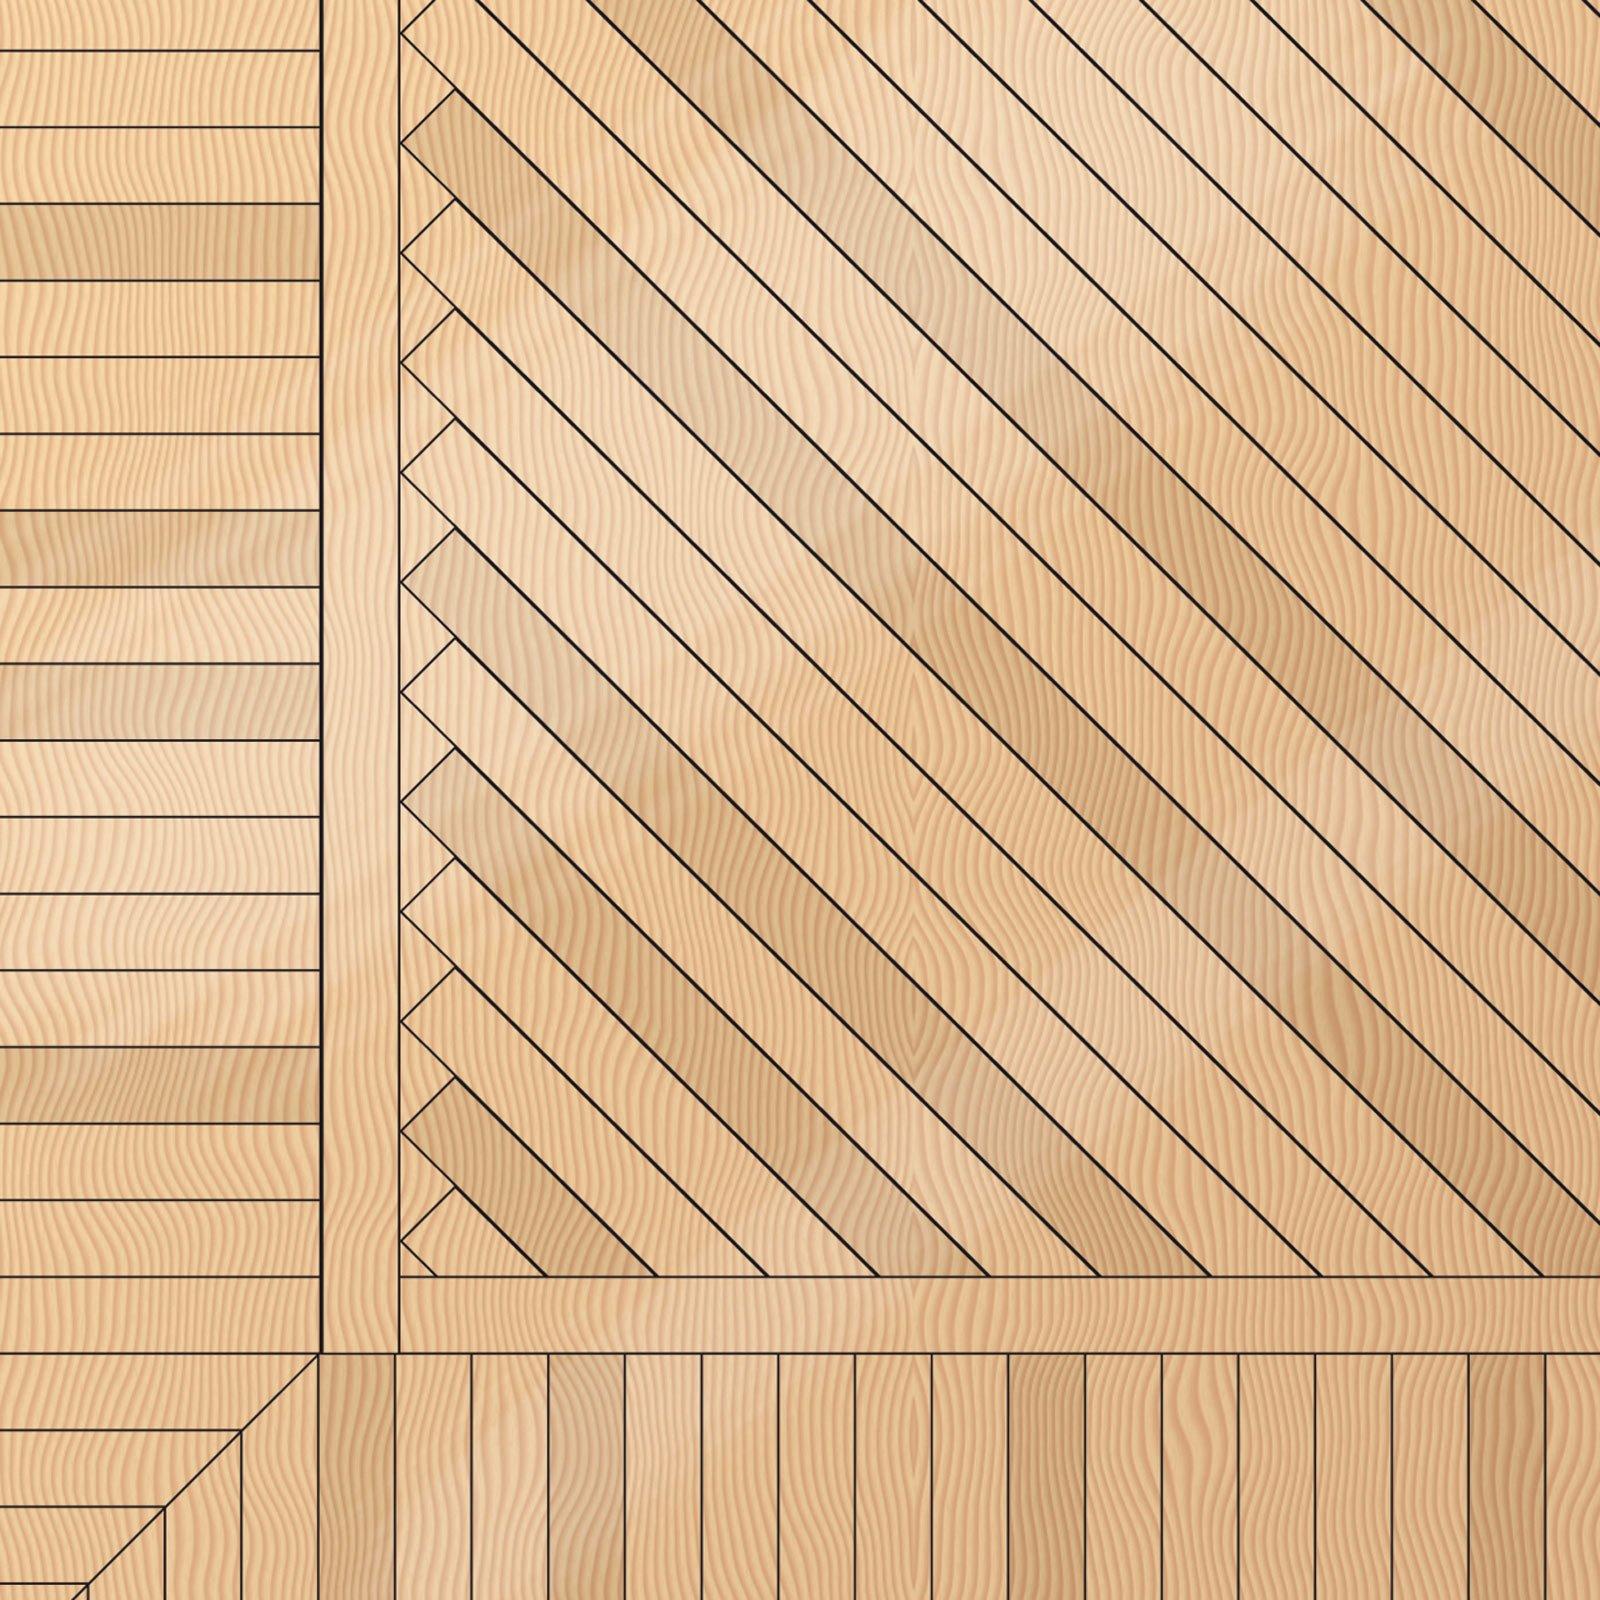 Parquet geometrie e tipi di posa cose di casa - Schemi di posa piastrelle ...